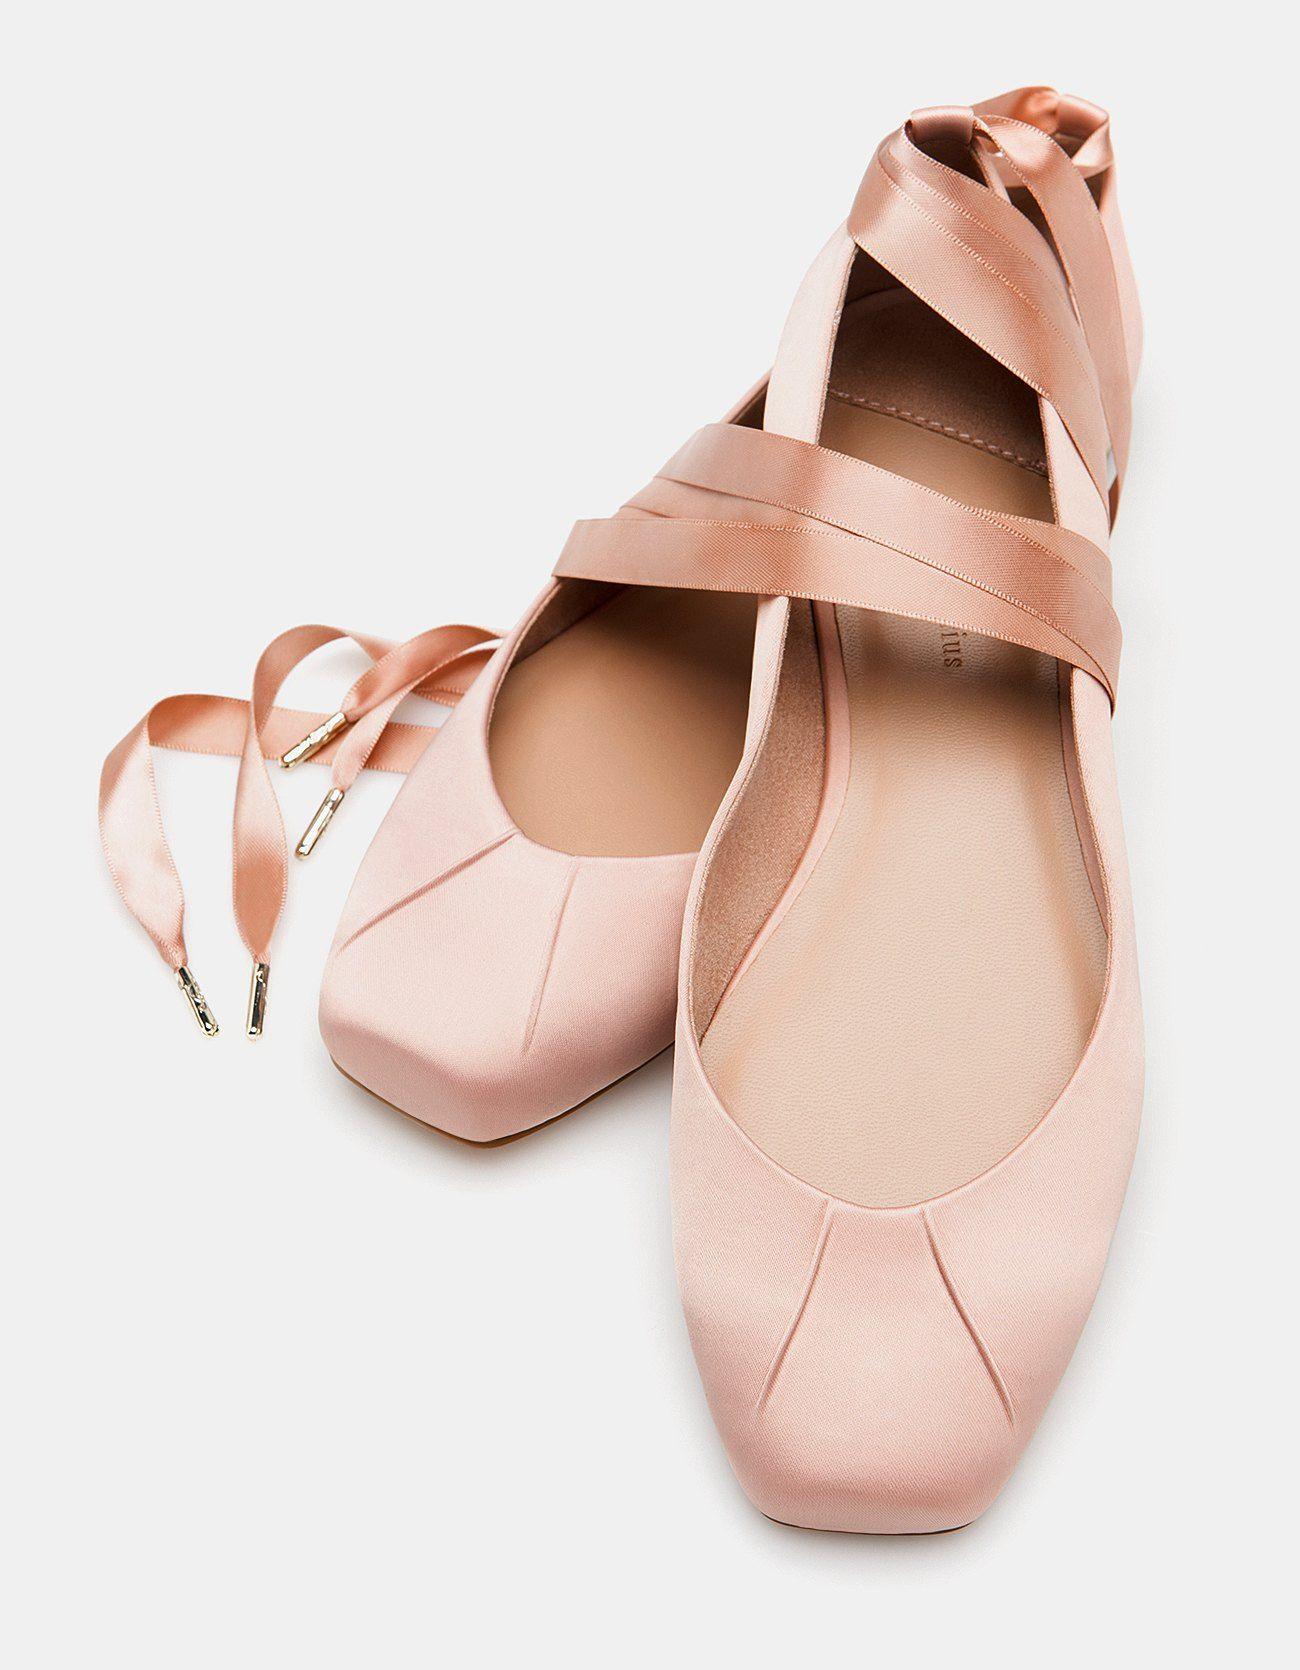 5ab3eda3519 Bailarina ballet - ZAPATOS PLANOS - WOMAN